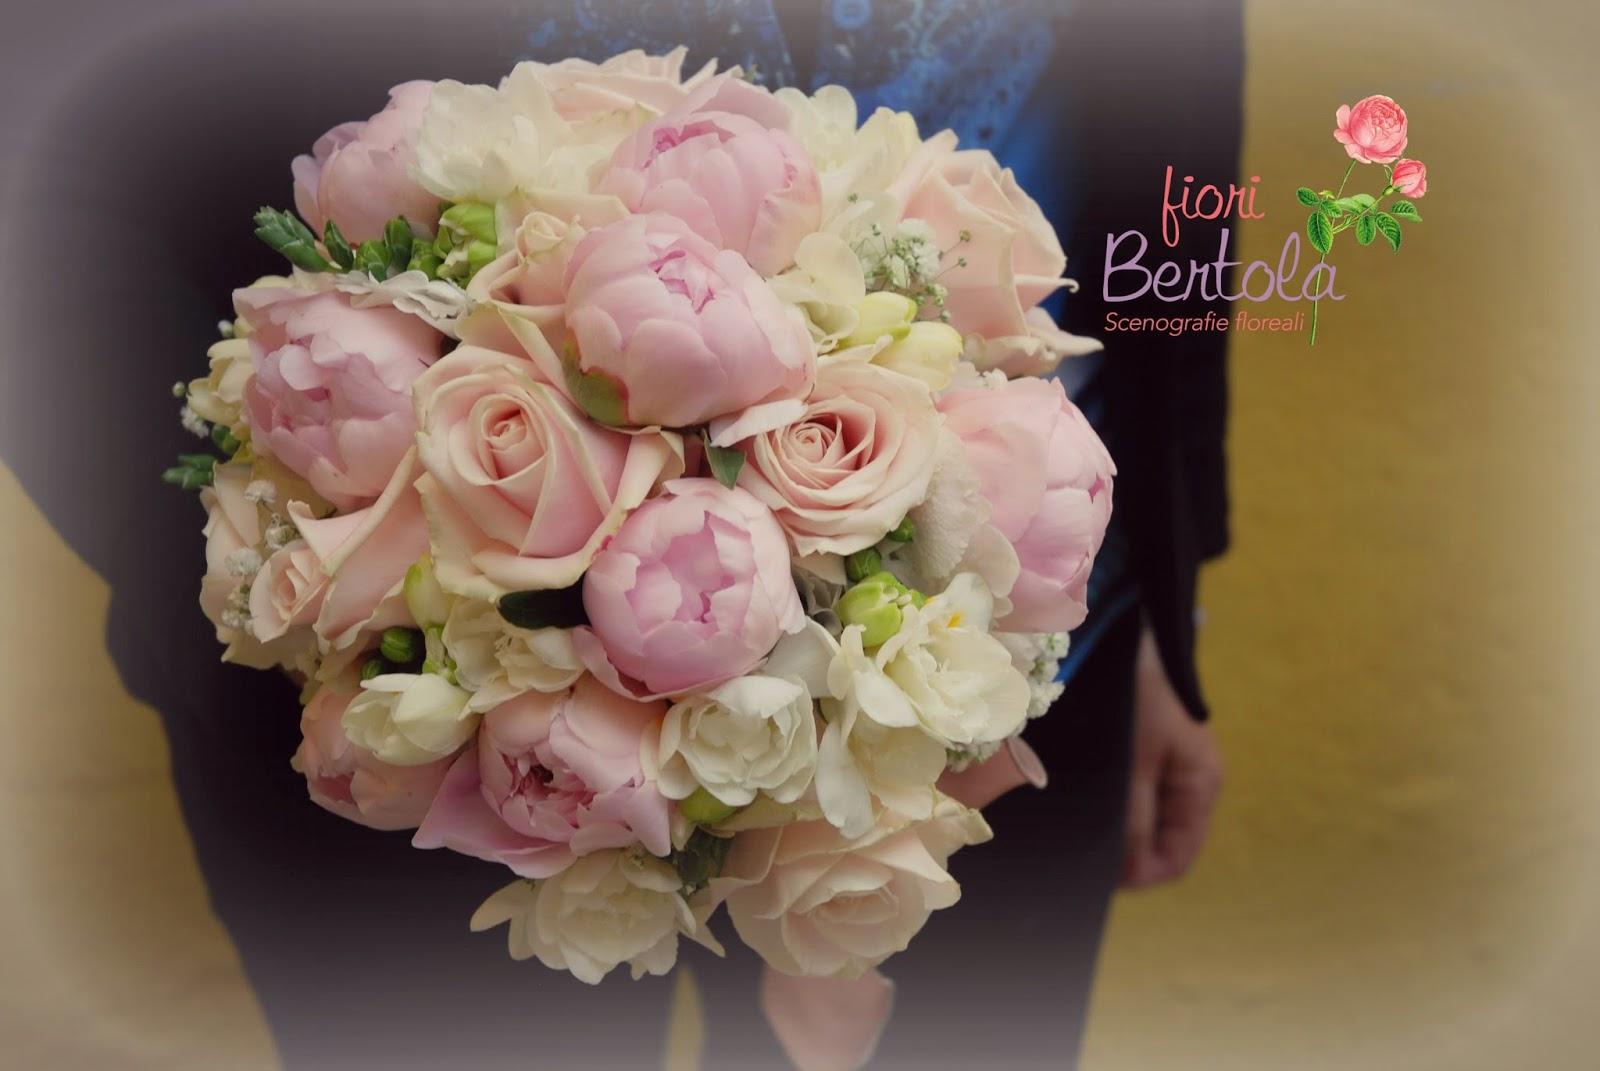 Ortensie Rosa Cipria : Fiori bertola matrimonio in bianco e rosa cipria